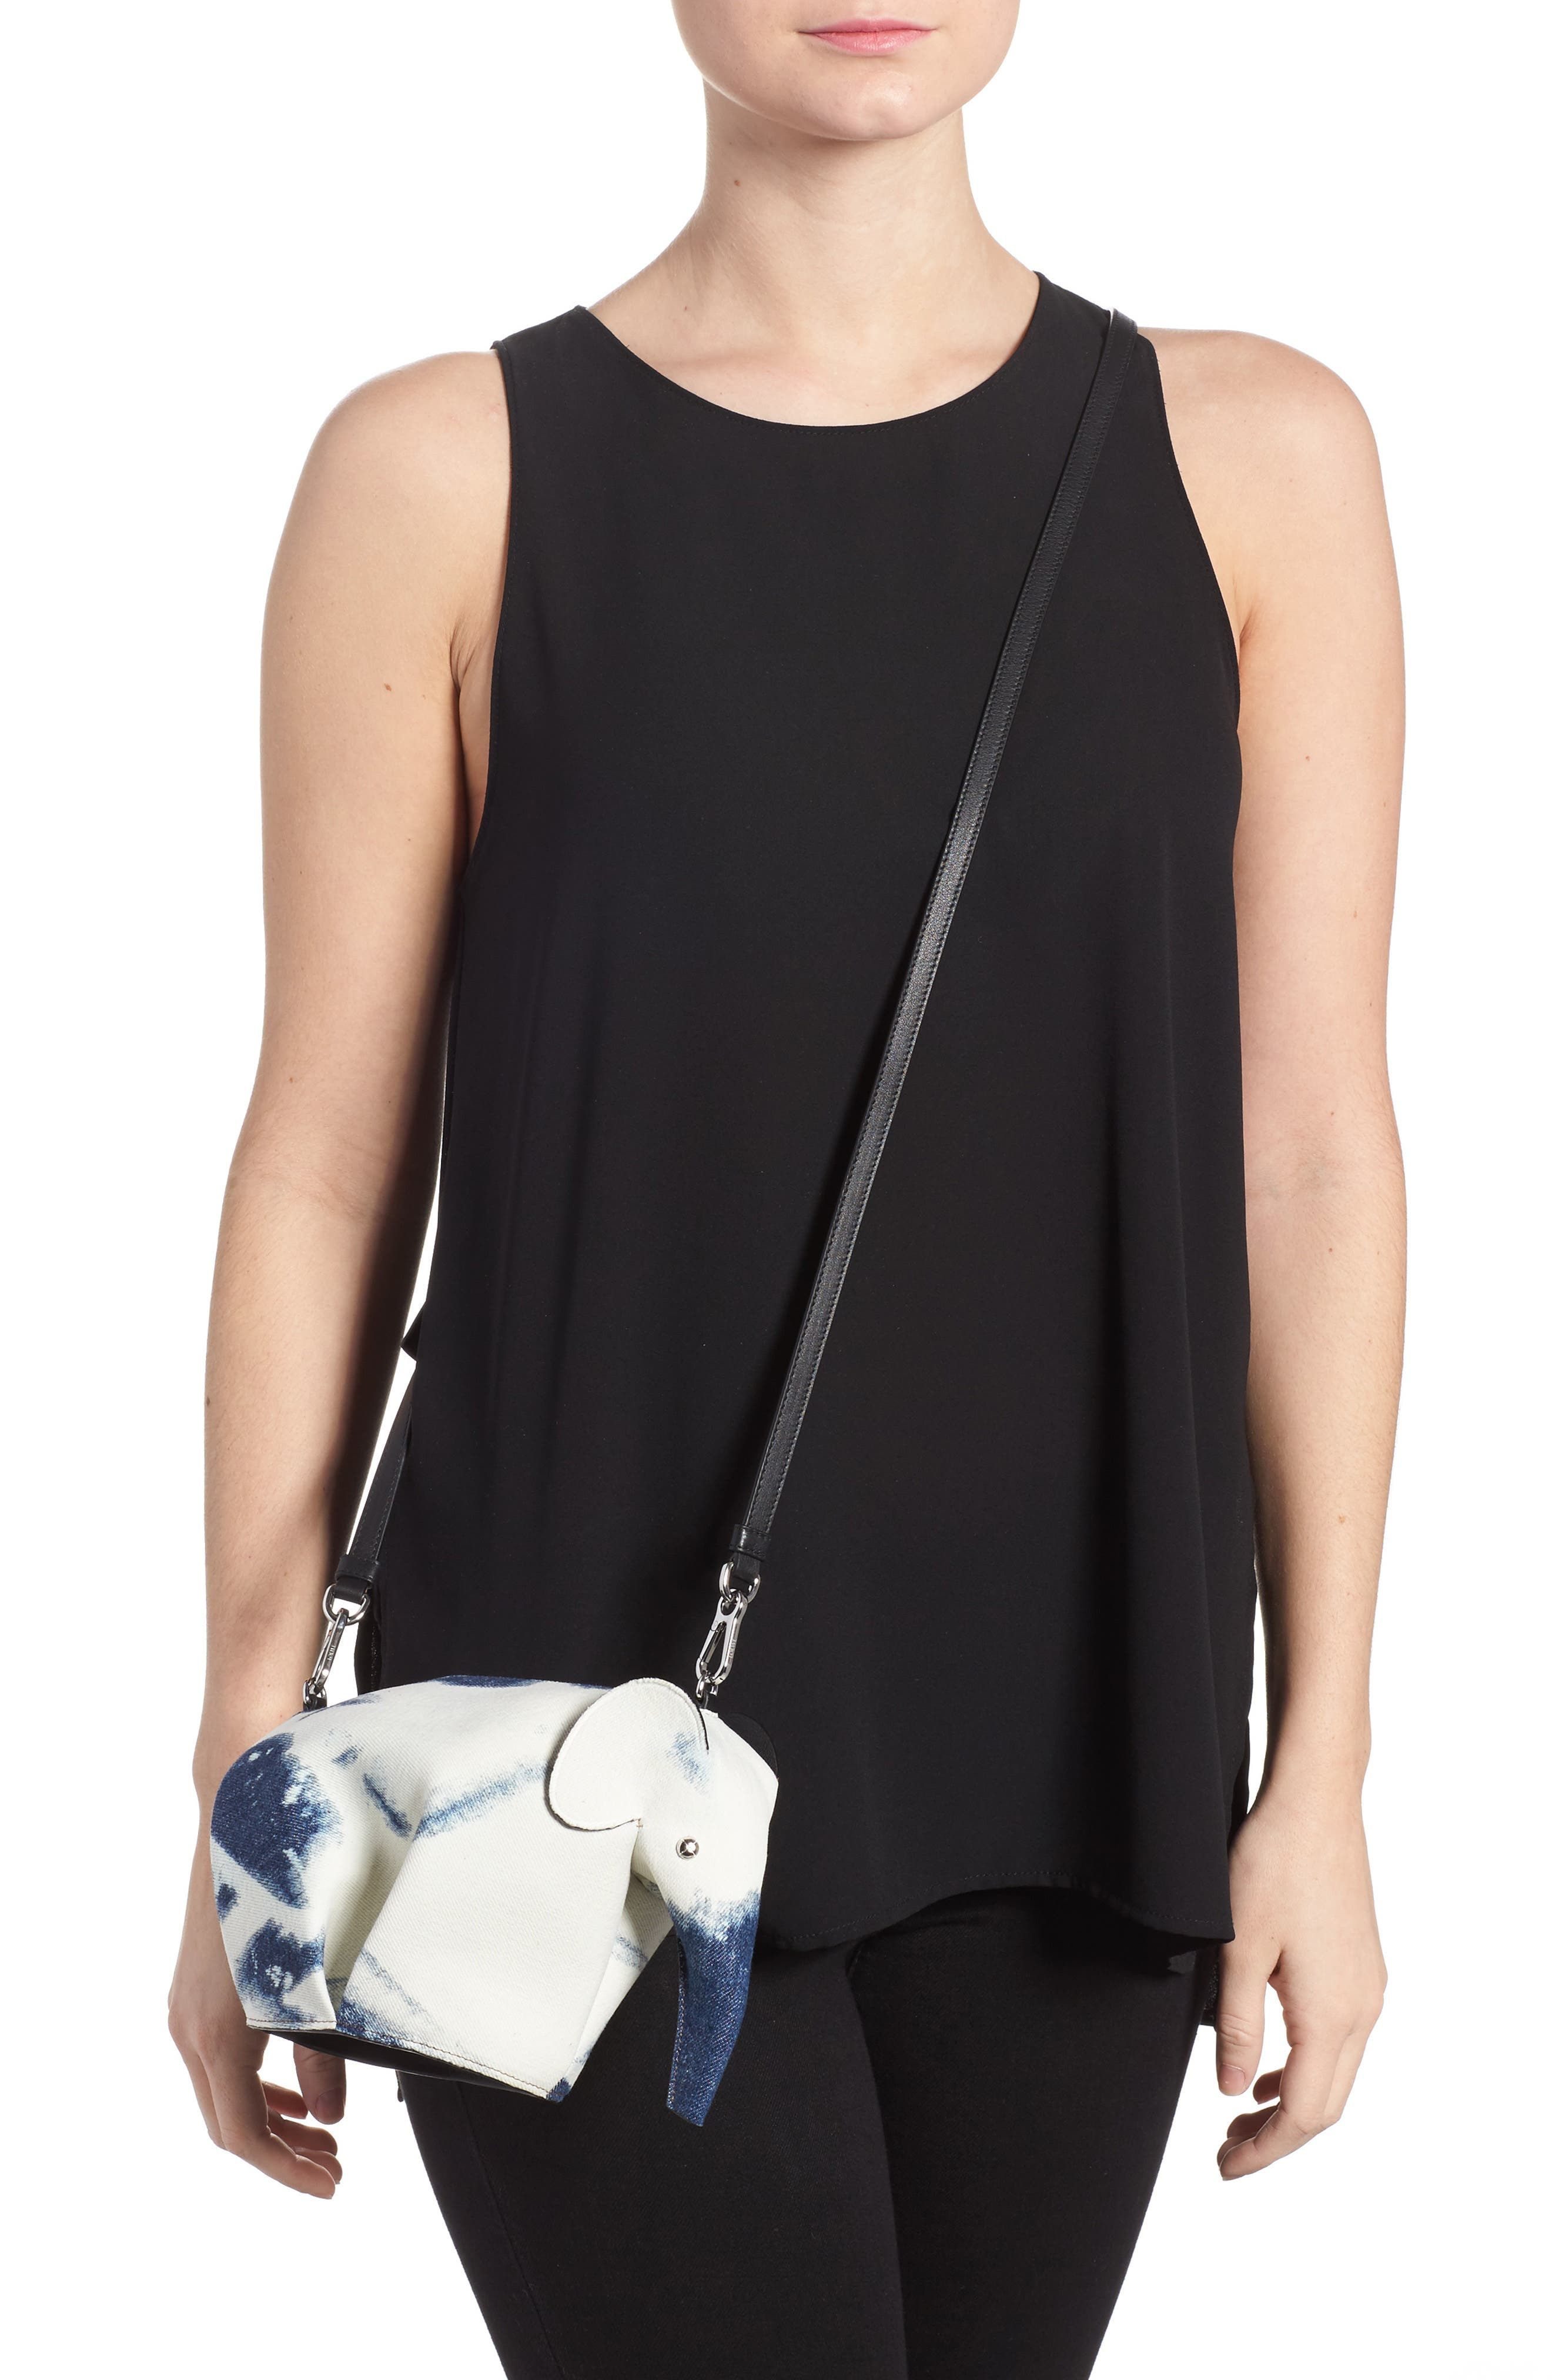 Denim Elephant Crossbody Bag,                             Alternate thumbnail 2, color,                             Blue Denim/ White/ Black